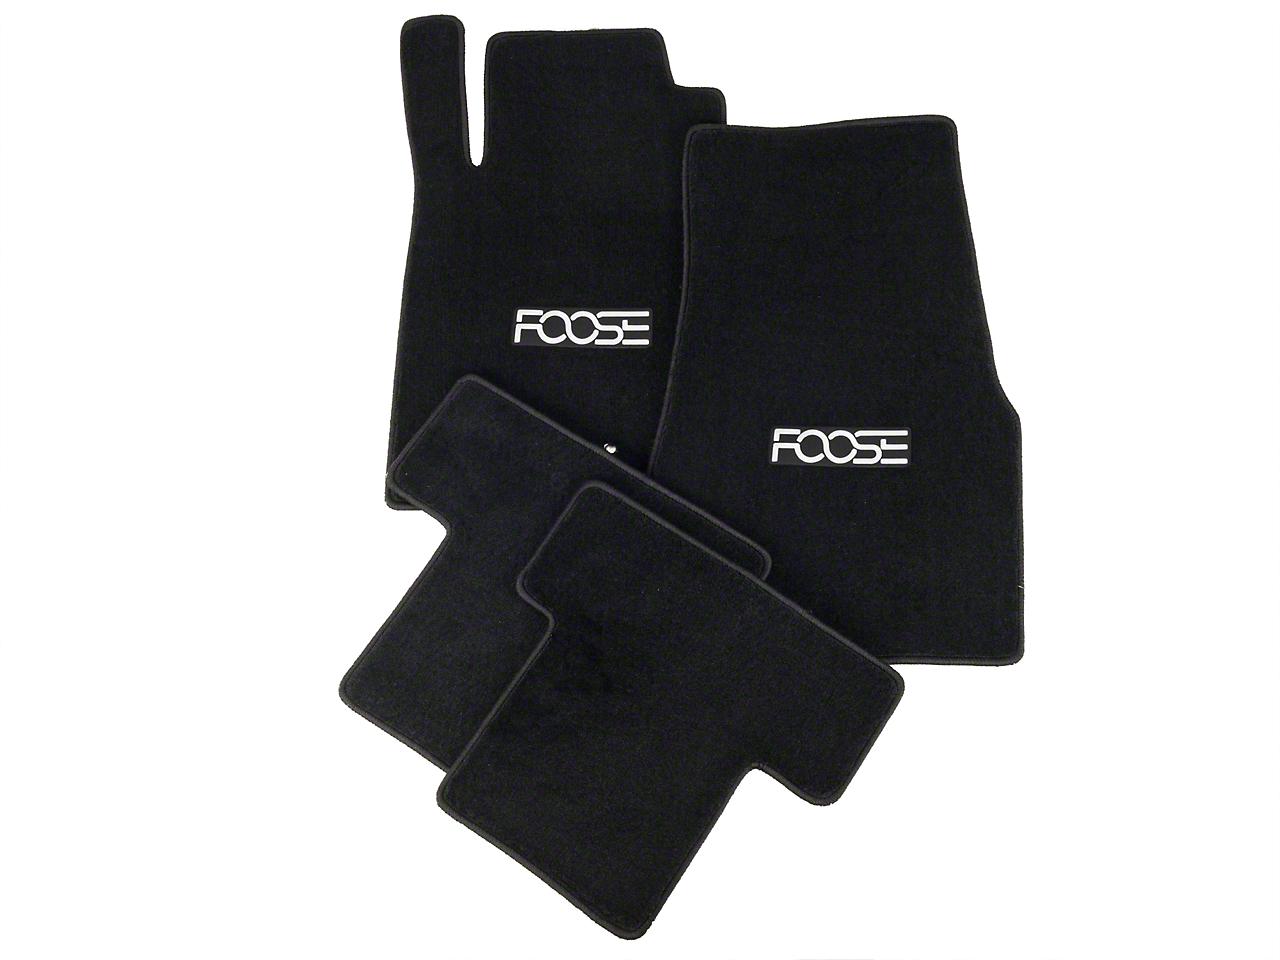 Front & Rear Floor Mats w/ FOOSE Logo - Black (05-10 All)